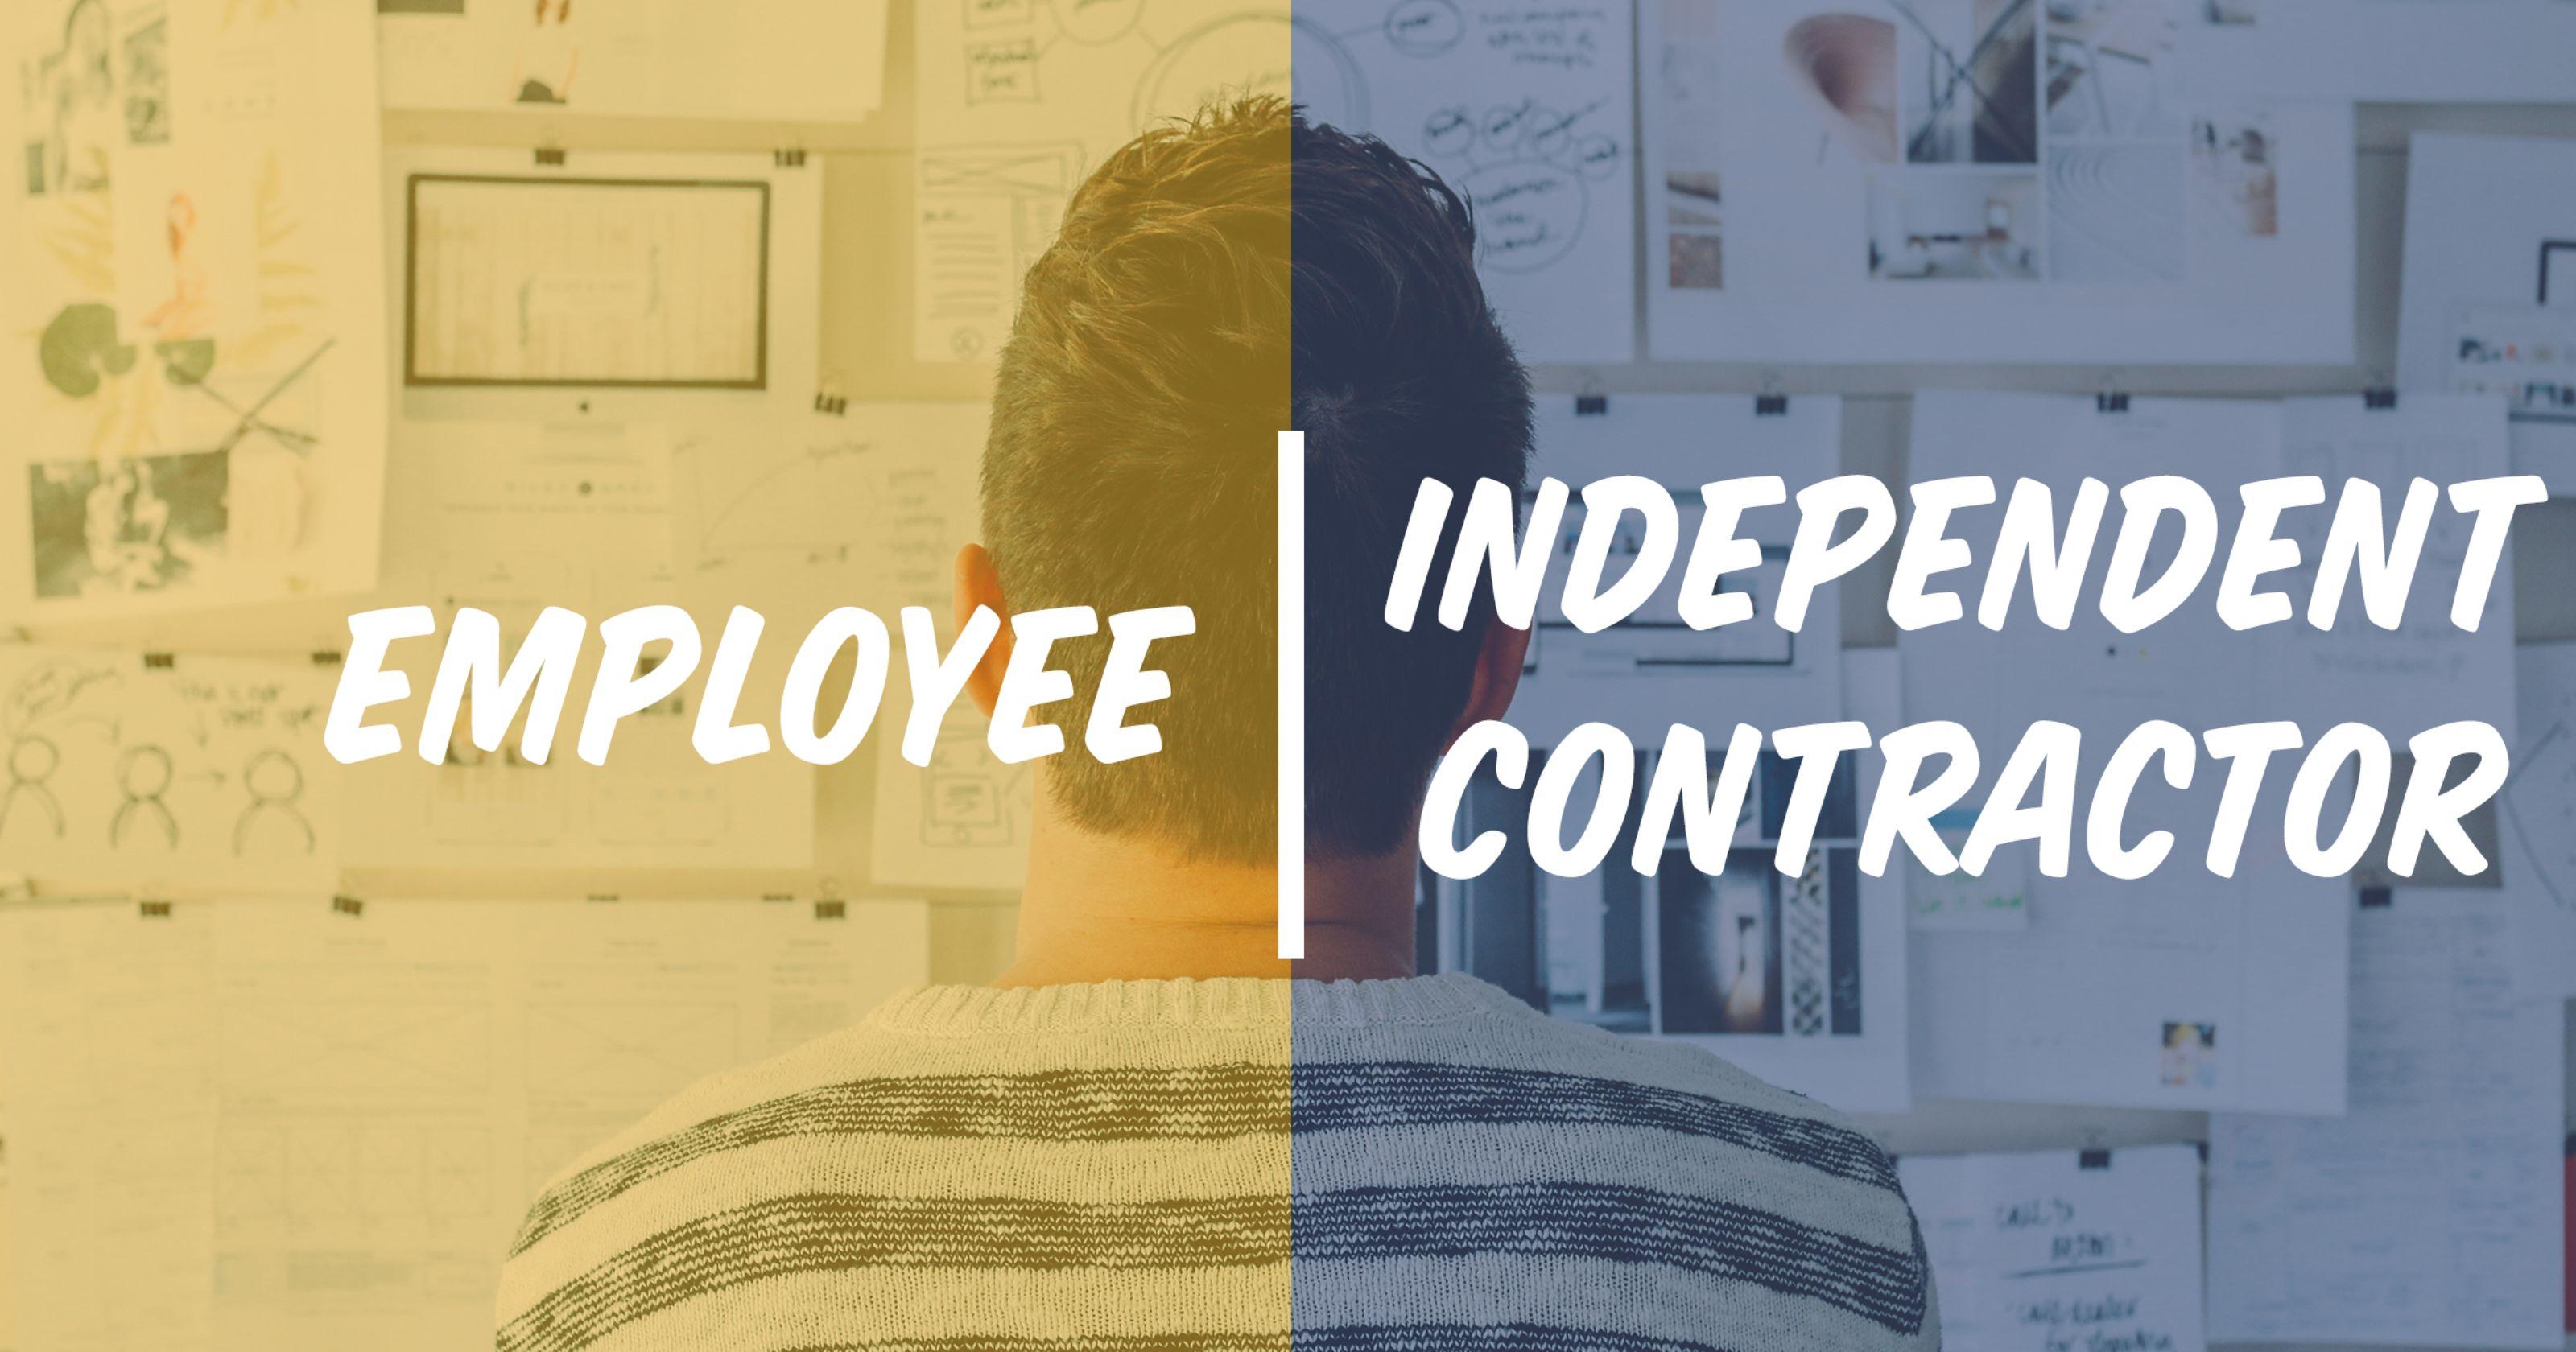 636540562811871506-Employee-vs-Contractor